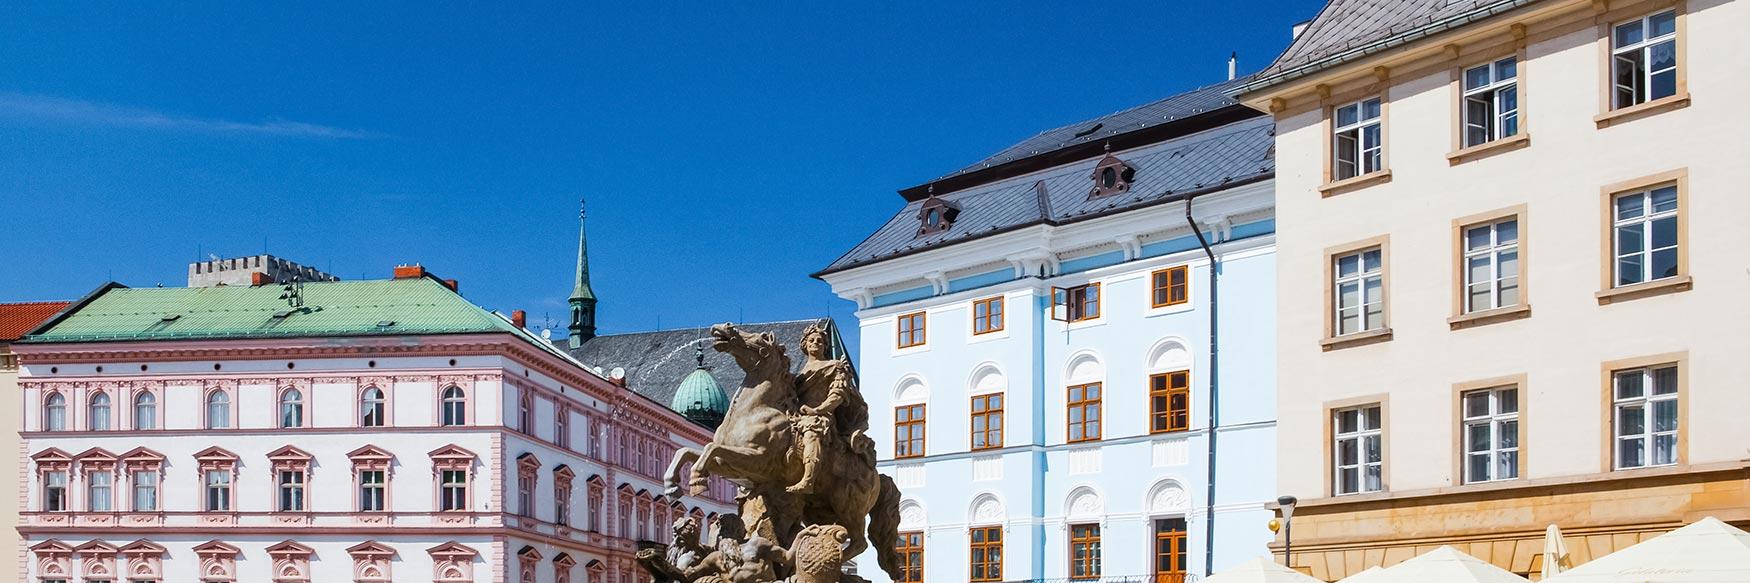 Dolní naměstí, Olomouc, Moravia, Czechia